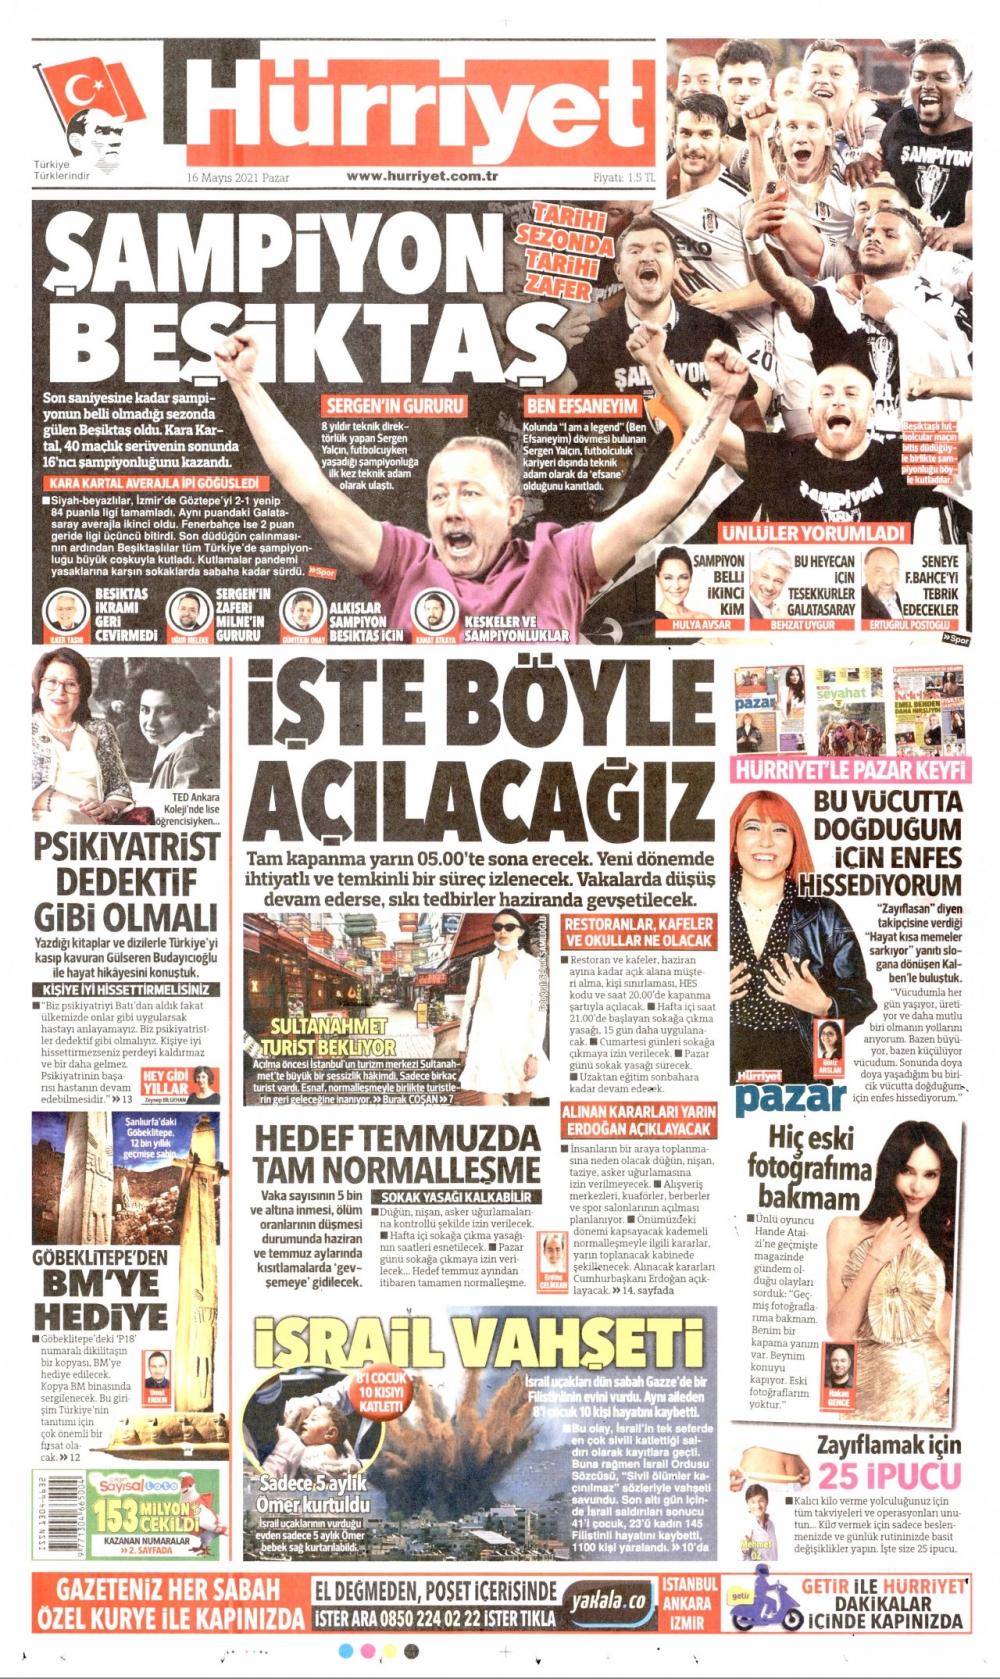 Günün Gazete Manşetleri 16 Mayıs 2021 Gazeteler Ne Diyor? 1